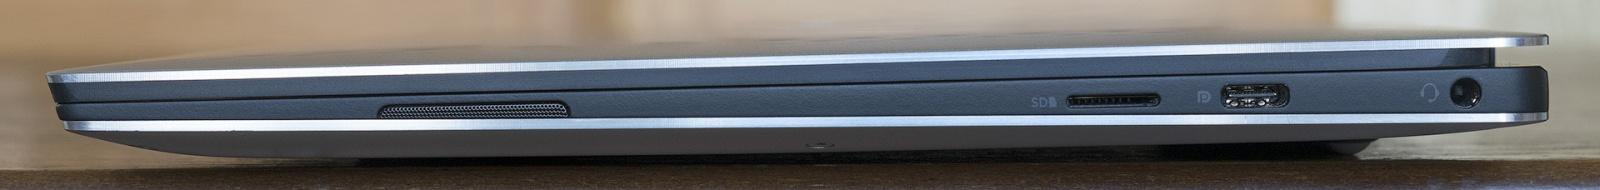 Обзор ноутбука Dell XPS 13 9370: лёгкий, красивый, быстрый - 9